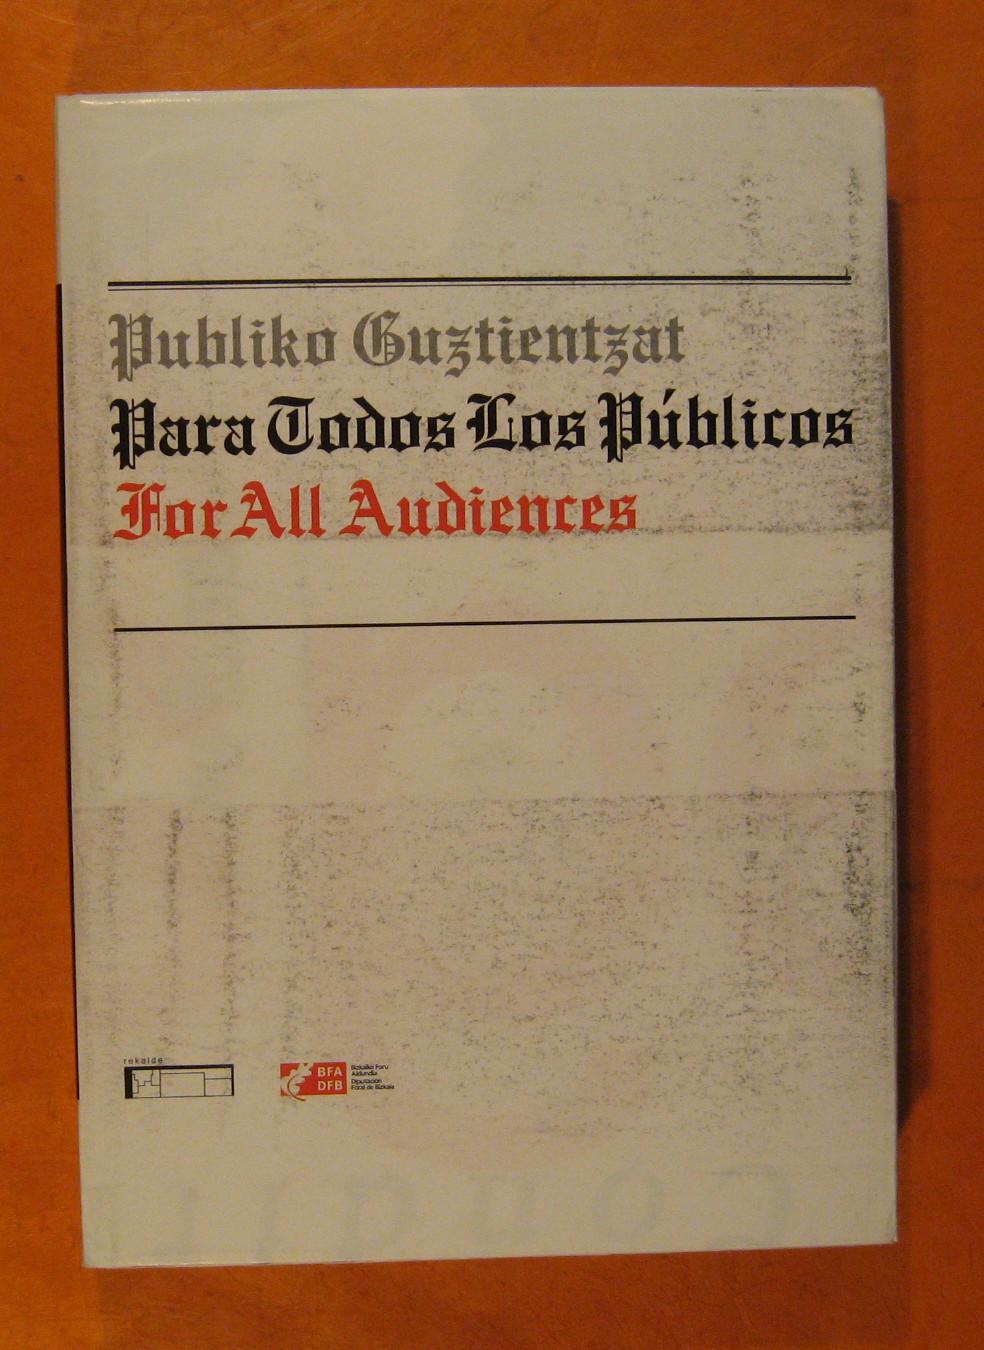 Para Todos Los Publicos / Publiko Guztientzat / For All Audiences